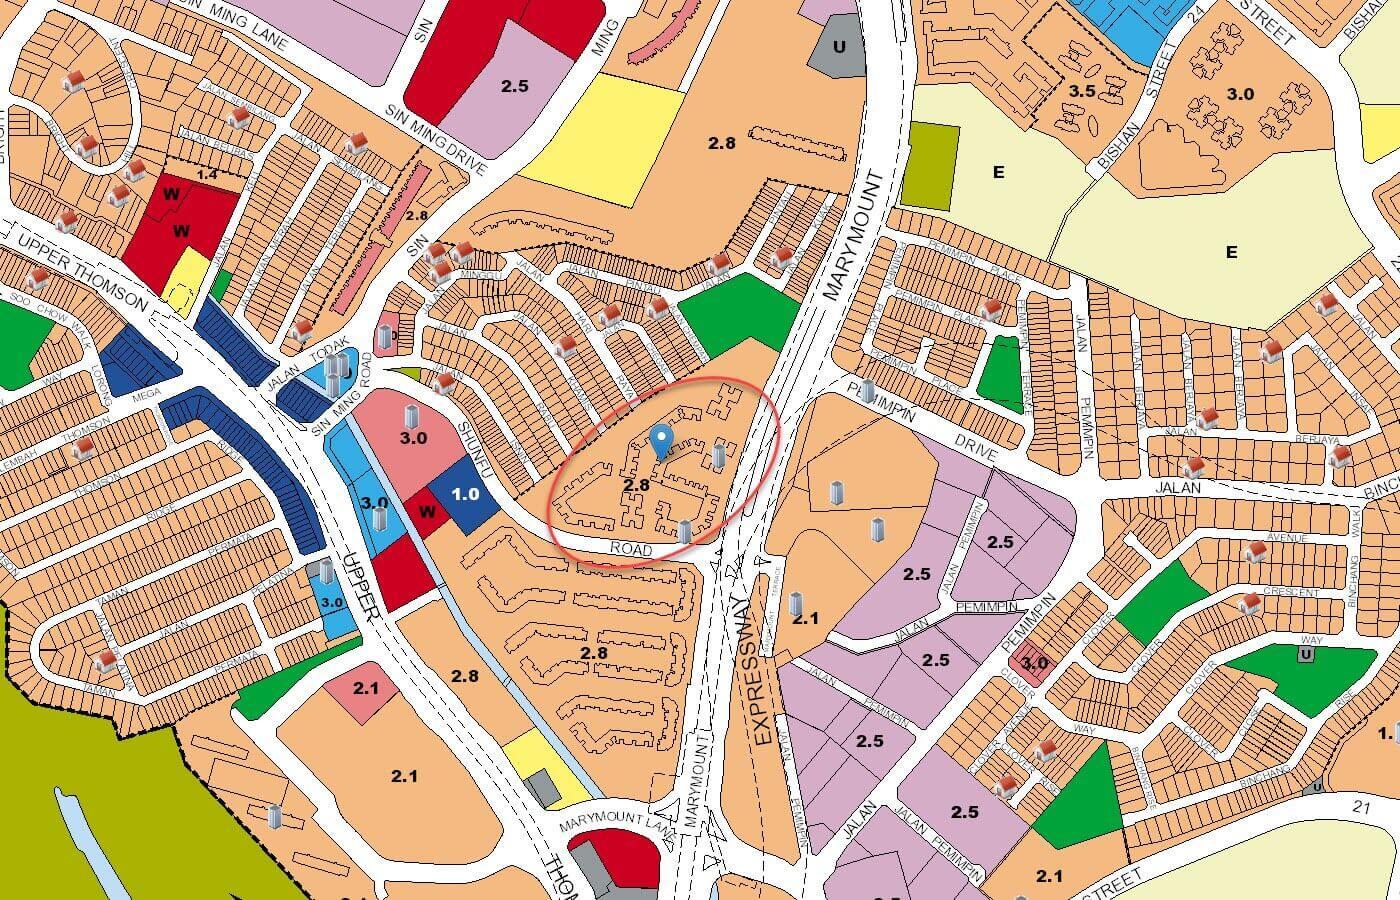 Jadescape Condo URA Master Plan Map